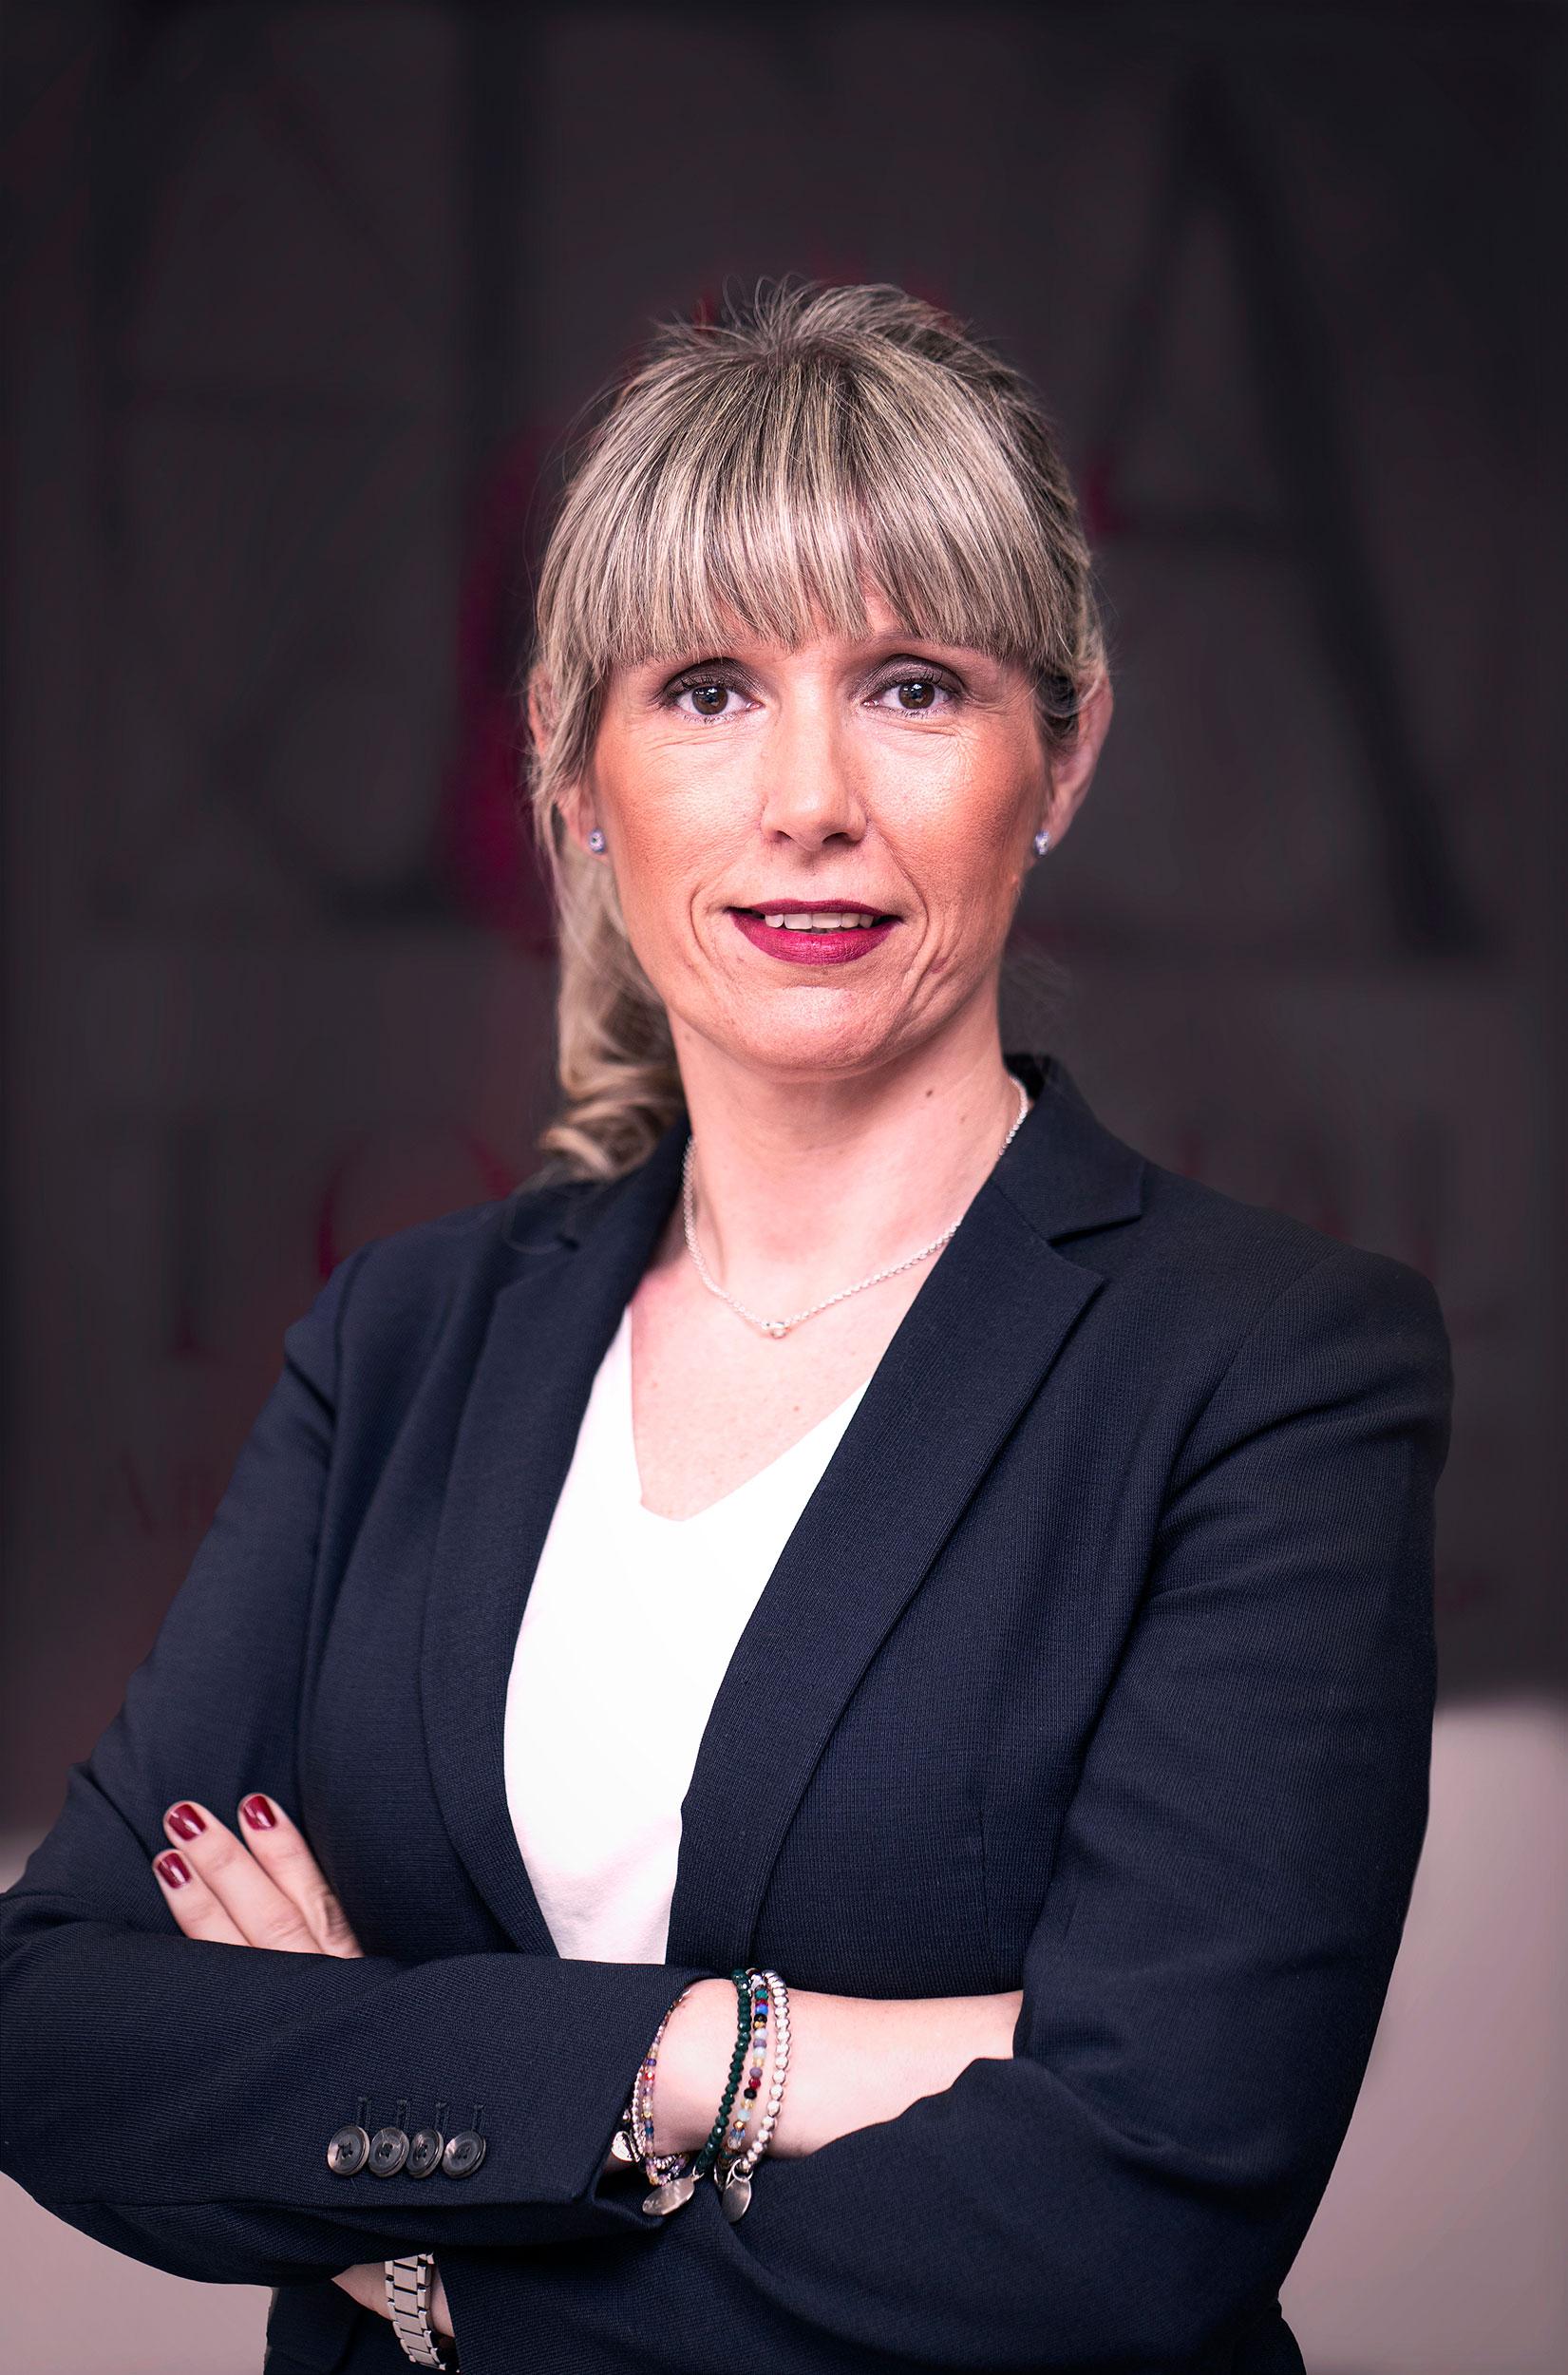 María del Romero Martínez